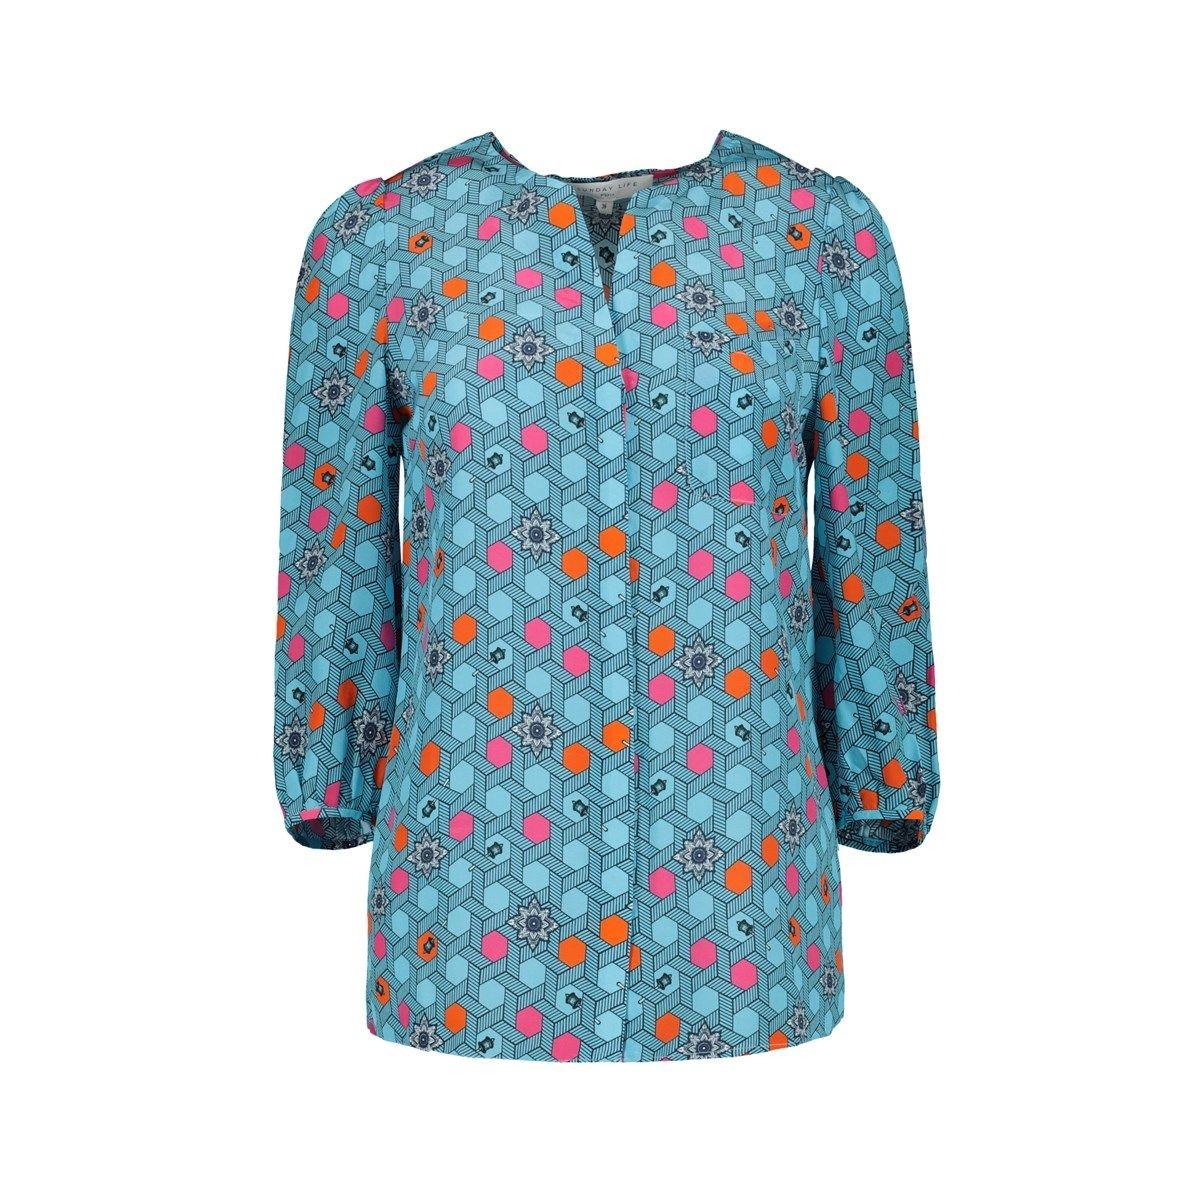 Chemise imprimée bleu Femme en pure Soie  tenue bureau chic